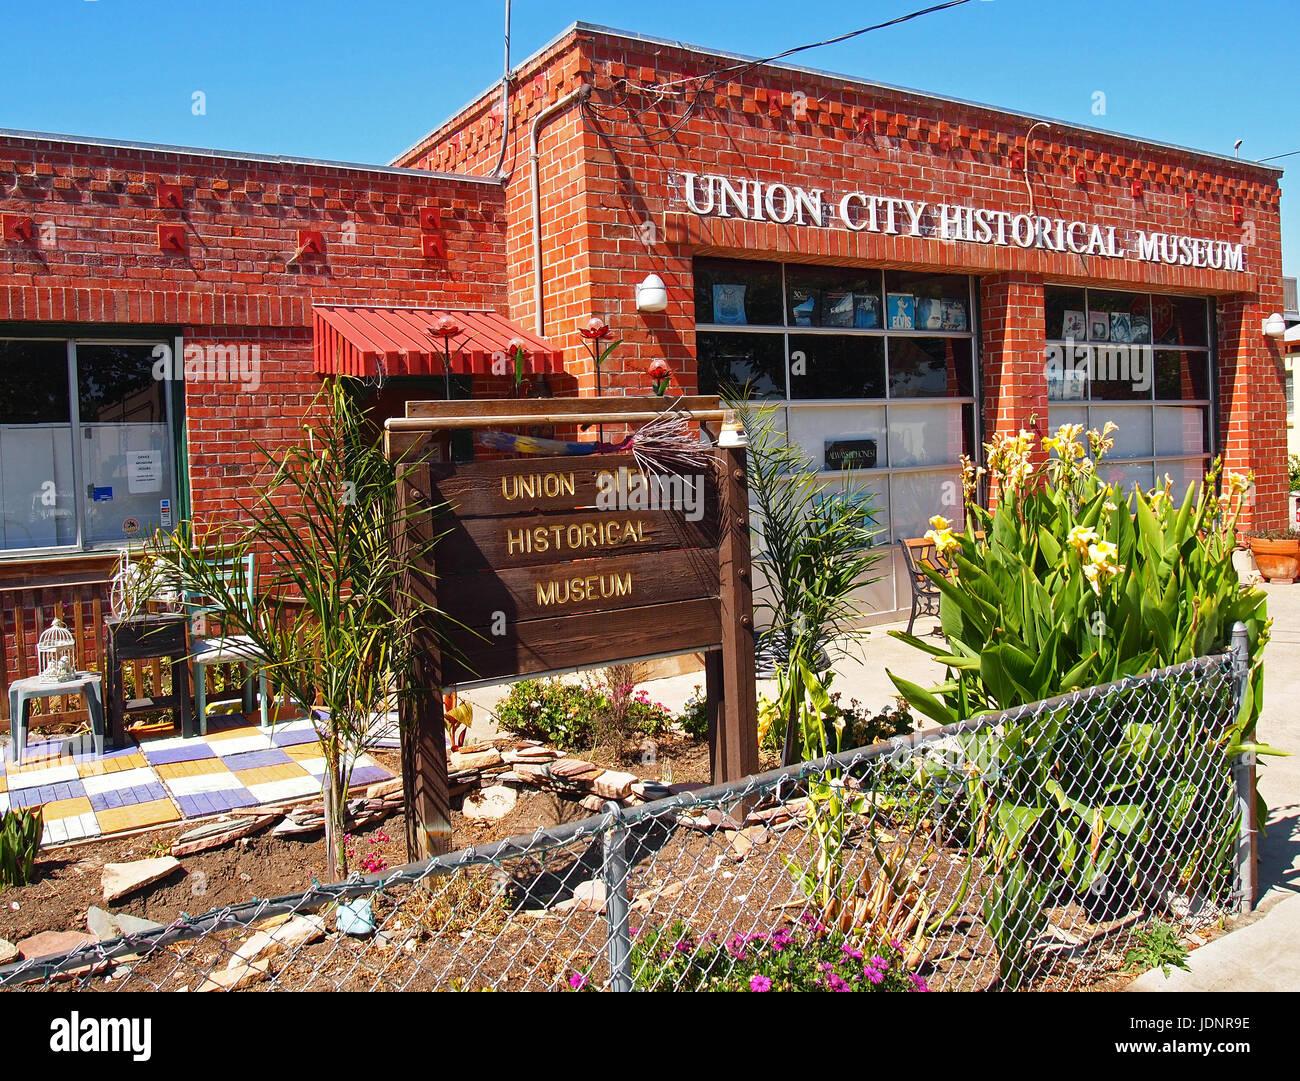 Unione città museo storico, California Immagini Stock